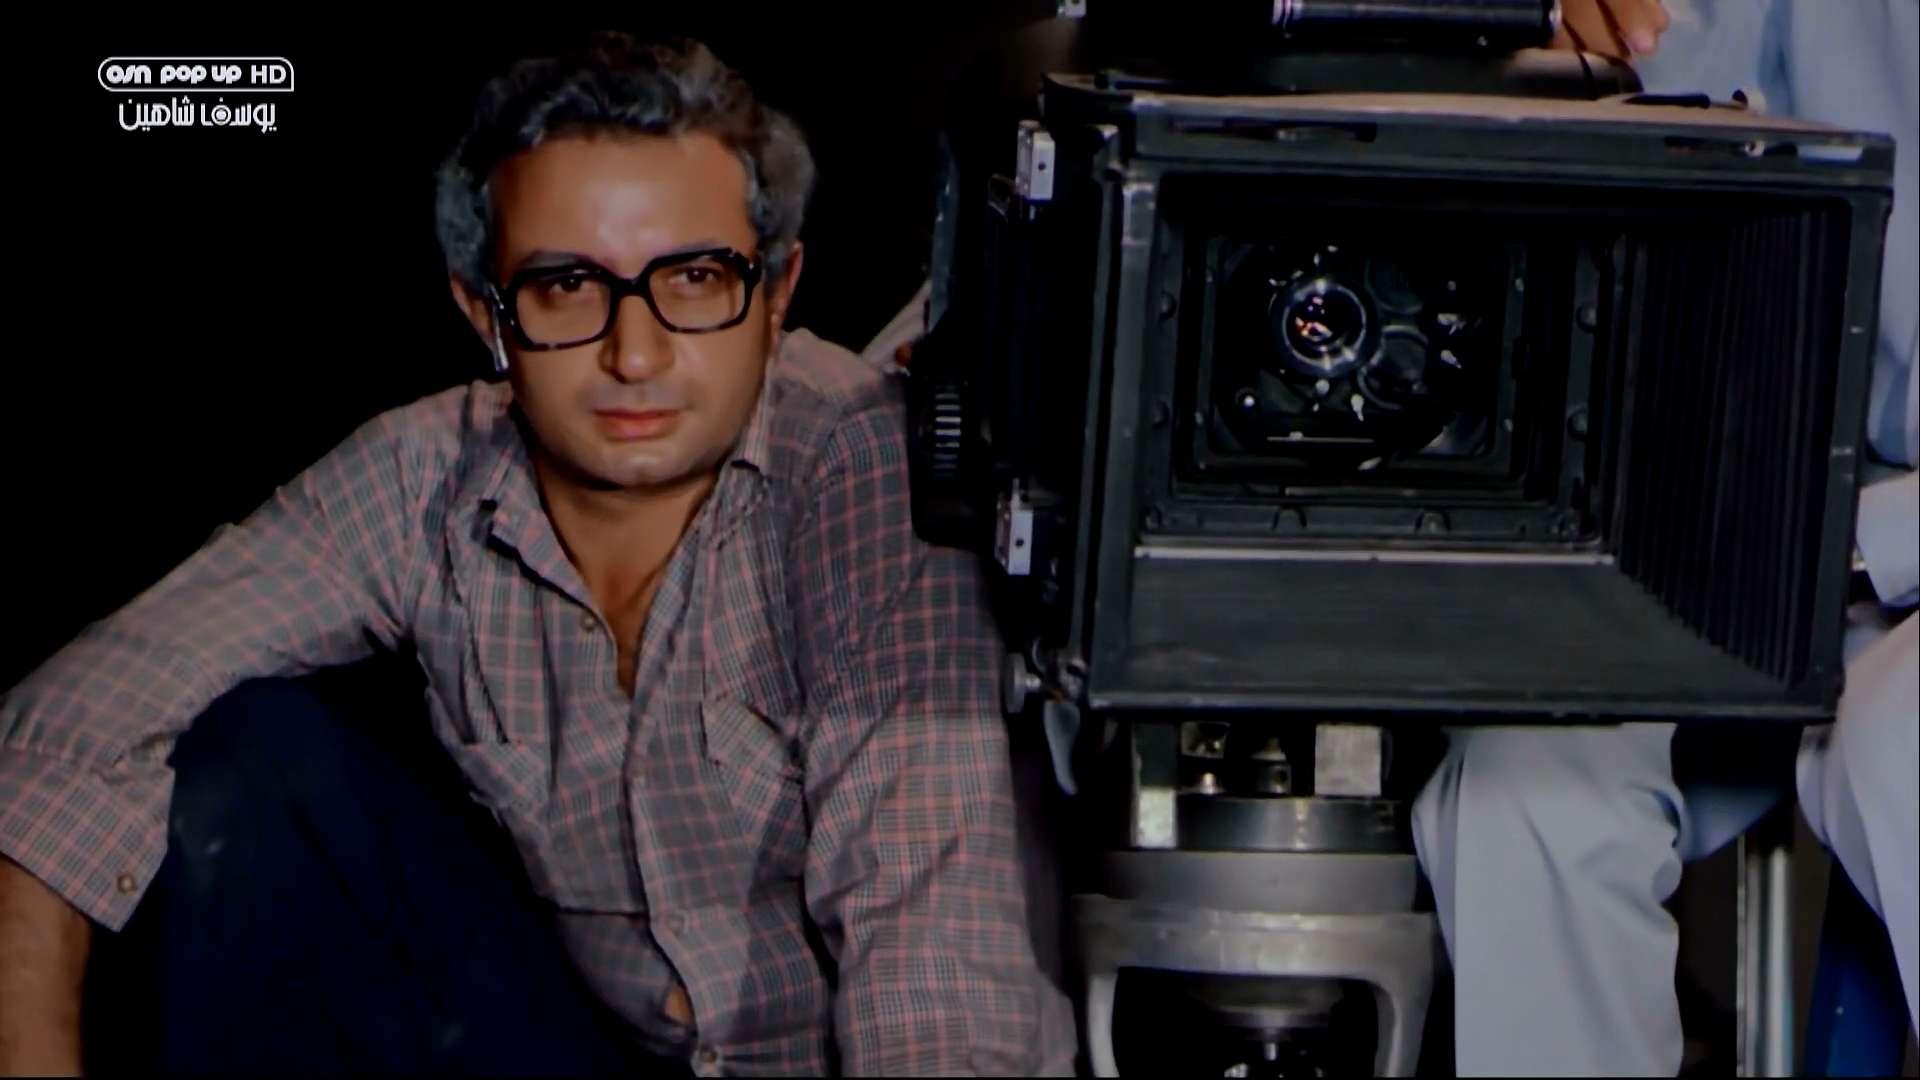 [فيلم][تورنت][تحميل][حدوتة مصرية][1982][1080p][HDTV] 6 arabp2p.com